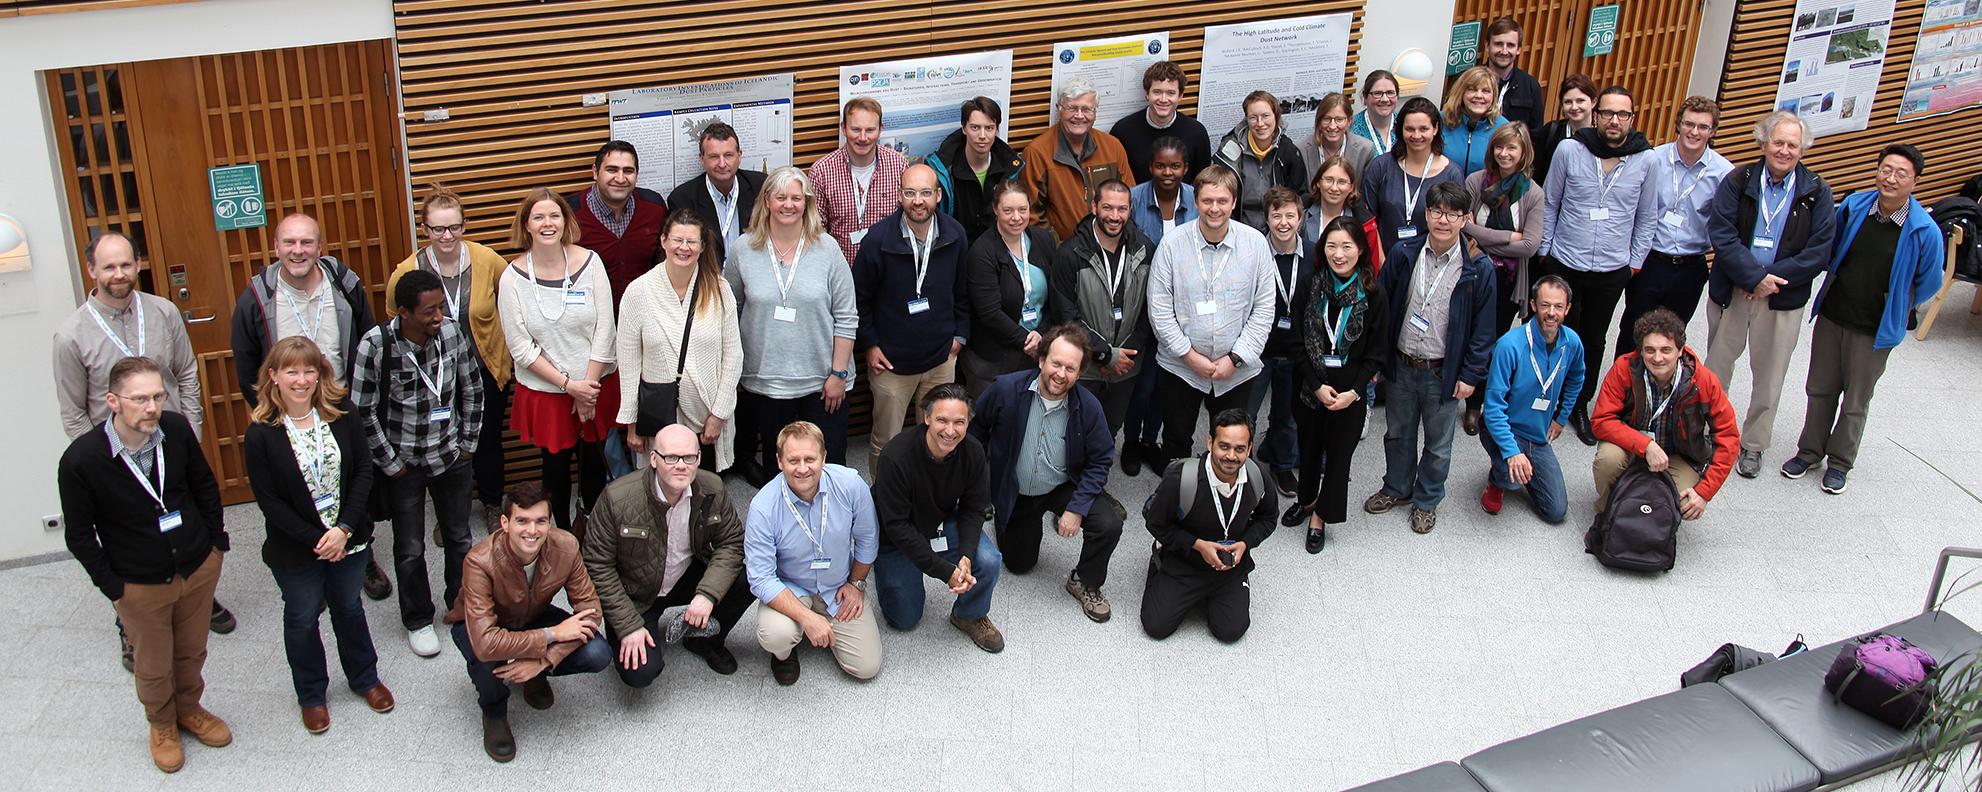 HLCCD Conference - Reykjavik 2017